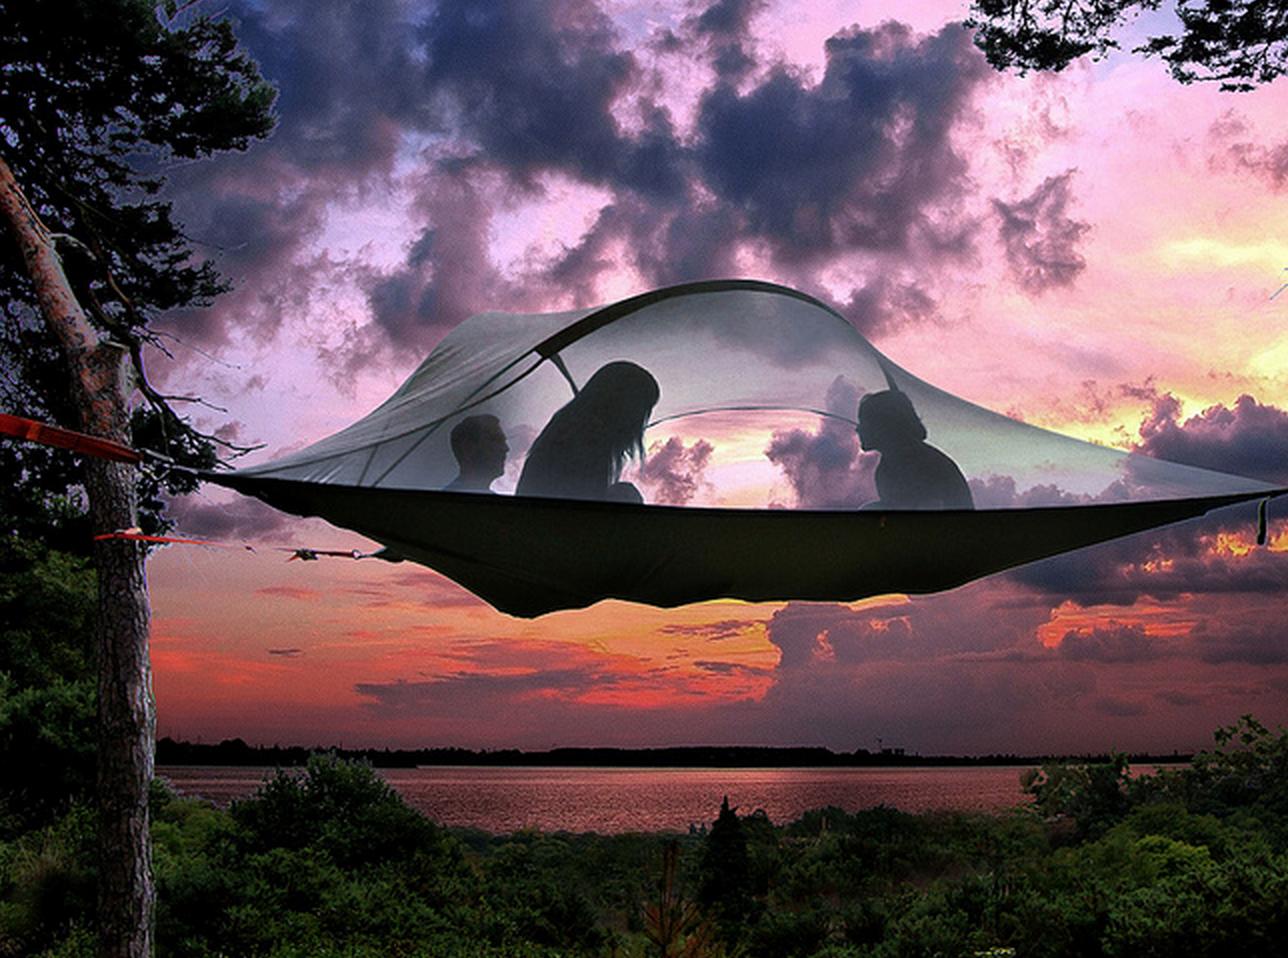 キャンプは空中でする時代へ!「テントサイル・ツリーテント」で普段と違った夏のキャンプを満喫しよう!